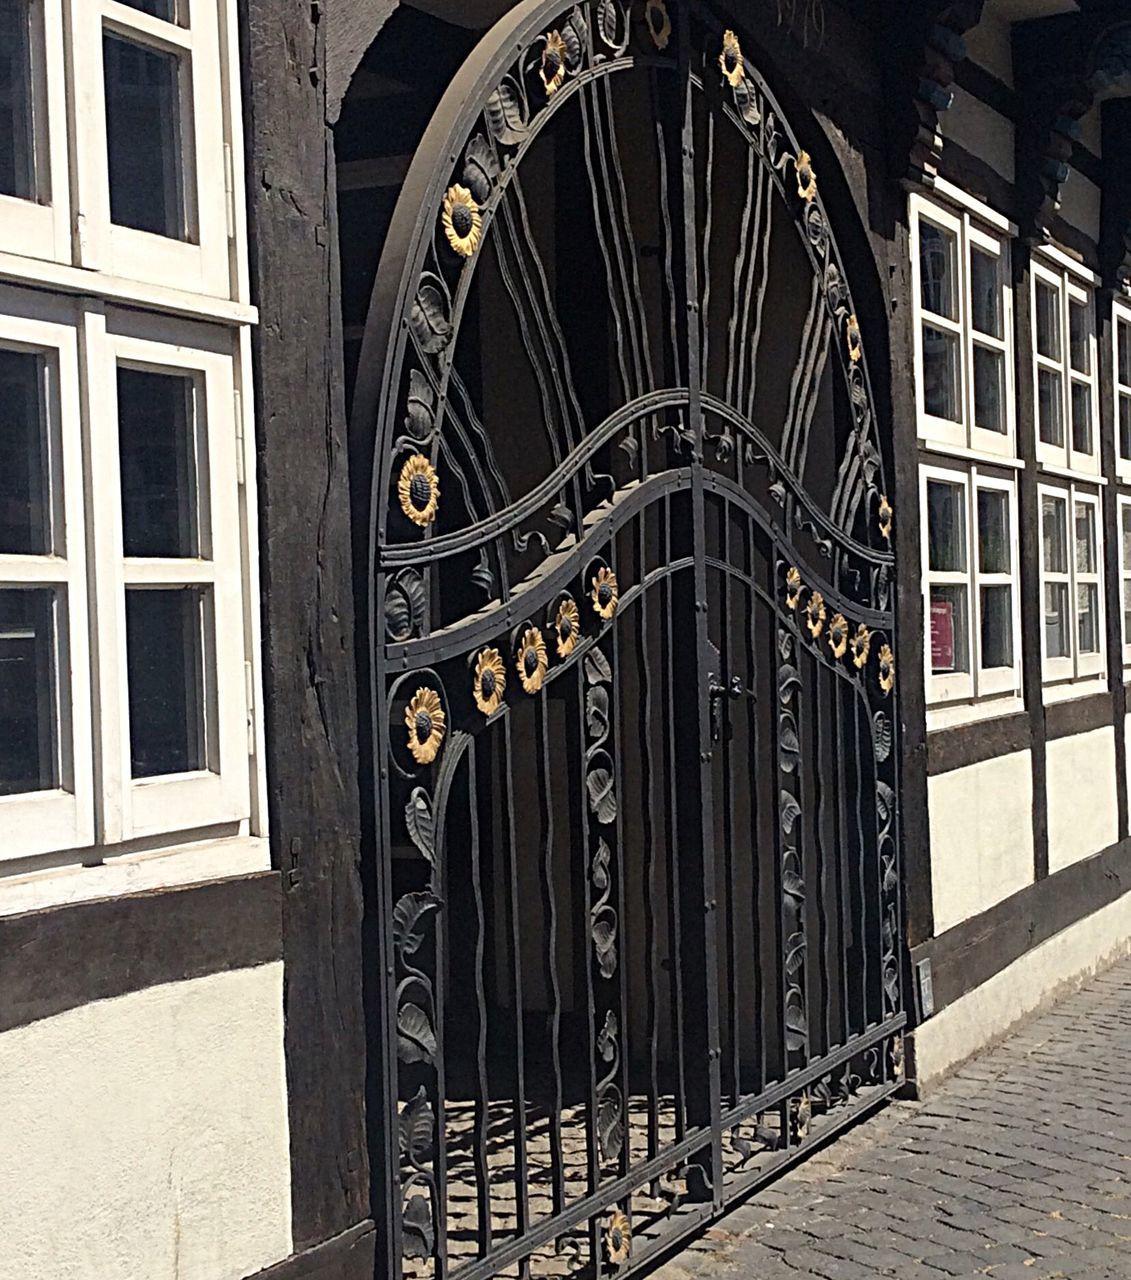 Sidewalk By Arch Gate Of House